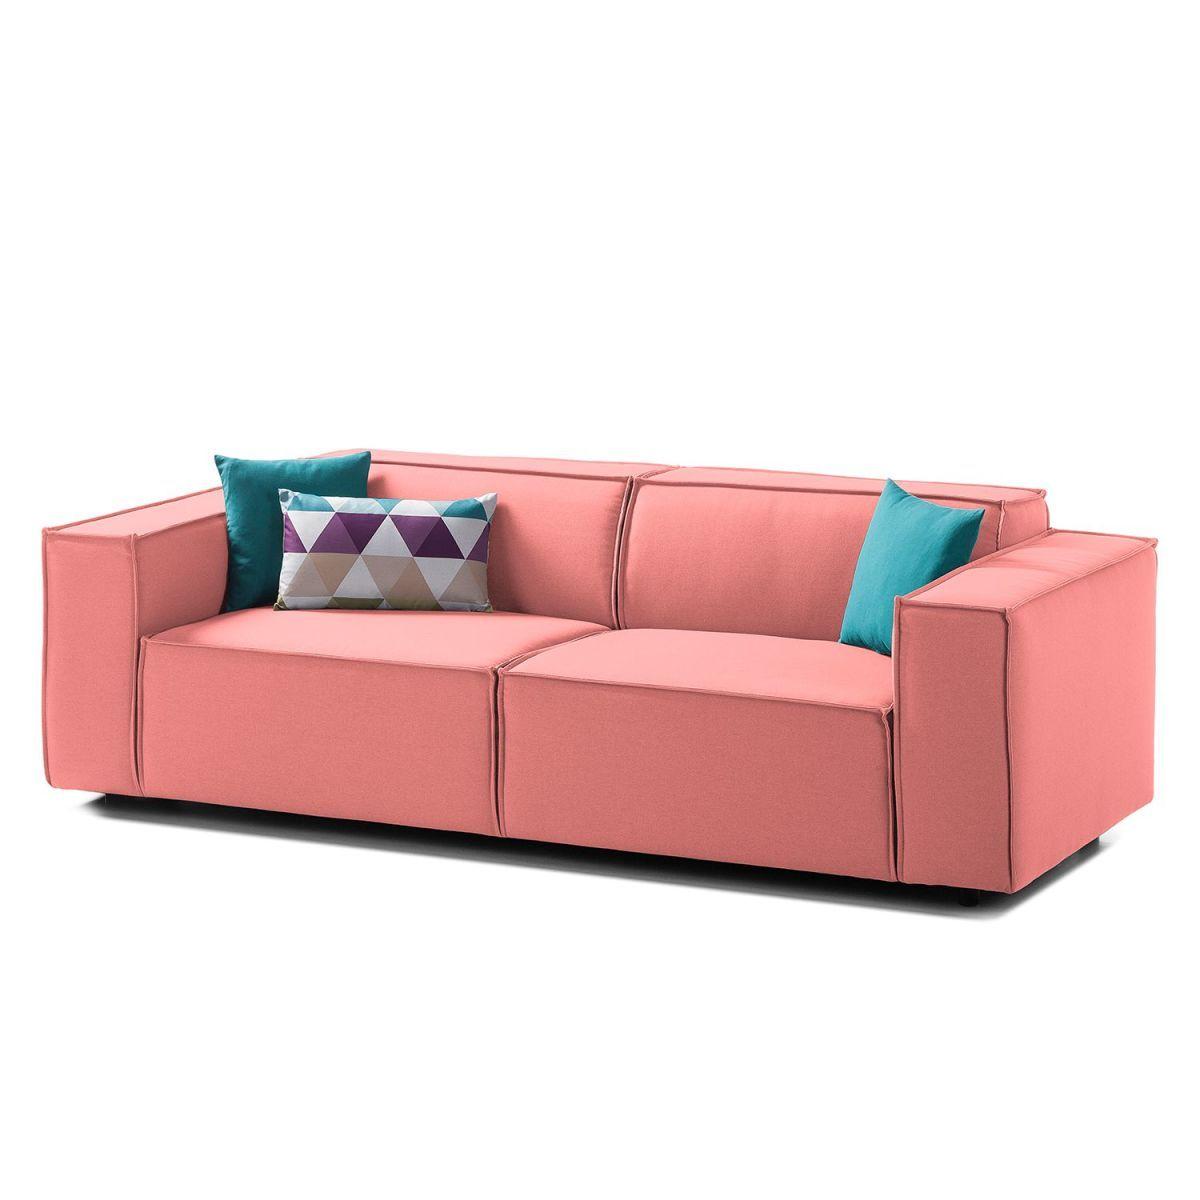 Sofa Kinx 2 5 Sitzer Webstoff Jetzt Bestellen Unter Https Moebel Ladendirekt De Wohnzimmer Sofas 2 Und 3 Sitzer Sofas Moderne Couch Sofas Kunstleder Sofa